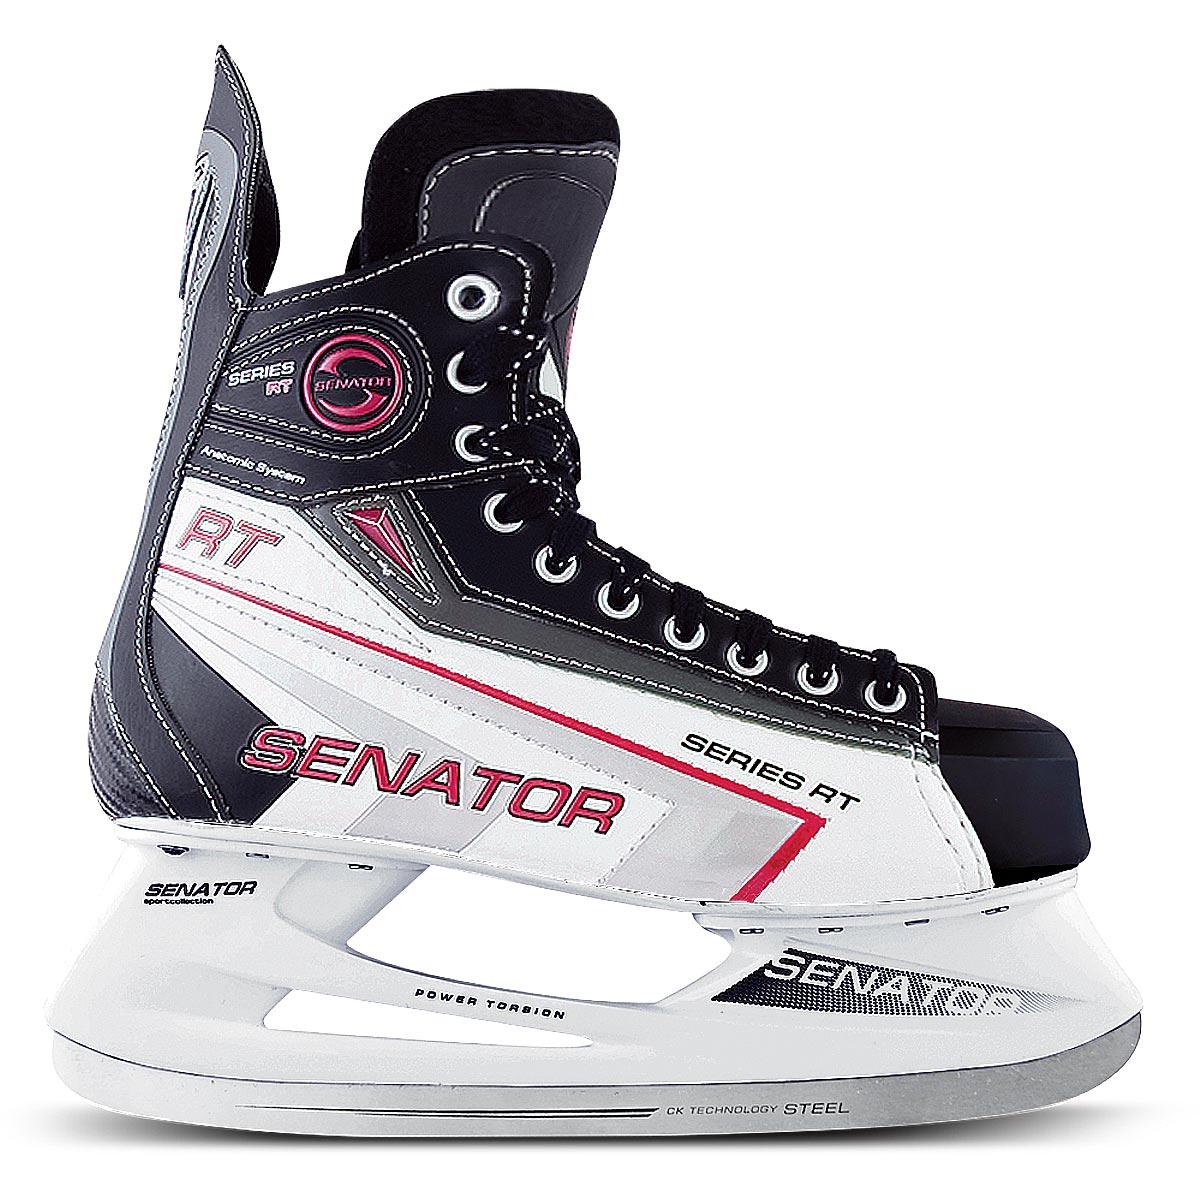 Коньки хоккейные мужские СК Senator RT, цвет: черный, белый. Размер 44SENATOR RT_черный, белый_44Стильные коньки от CK прекрасно подойдут для начинающих игроков в хоккей. Ботинок выполнен из морозоустойчивой искусственной кожи и ПВХ. Мыс дополнен вставкой, которая защитит ноги от ударов. Внутренний слой и стелька изготовлены из мягкого вельвета, который обеспечит тепло и комфорт во время катания, язычок - из войлока. Плотная шнуровка надежно фиксирует модель на ноге. Анатомический голеностоп имеет удобный суппорт. По верху коньки декорированы оригинальным принтом и тиснением в виде логотипа бренда. Подошва - из твердого пластика. Стойка выполнена из ударопрочного поливинилхлорида. Лезвие из нержавеющей стали обеспечит превосходное скольжение. Оригинальные коньки придутся вам по душе.